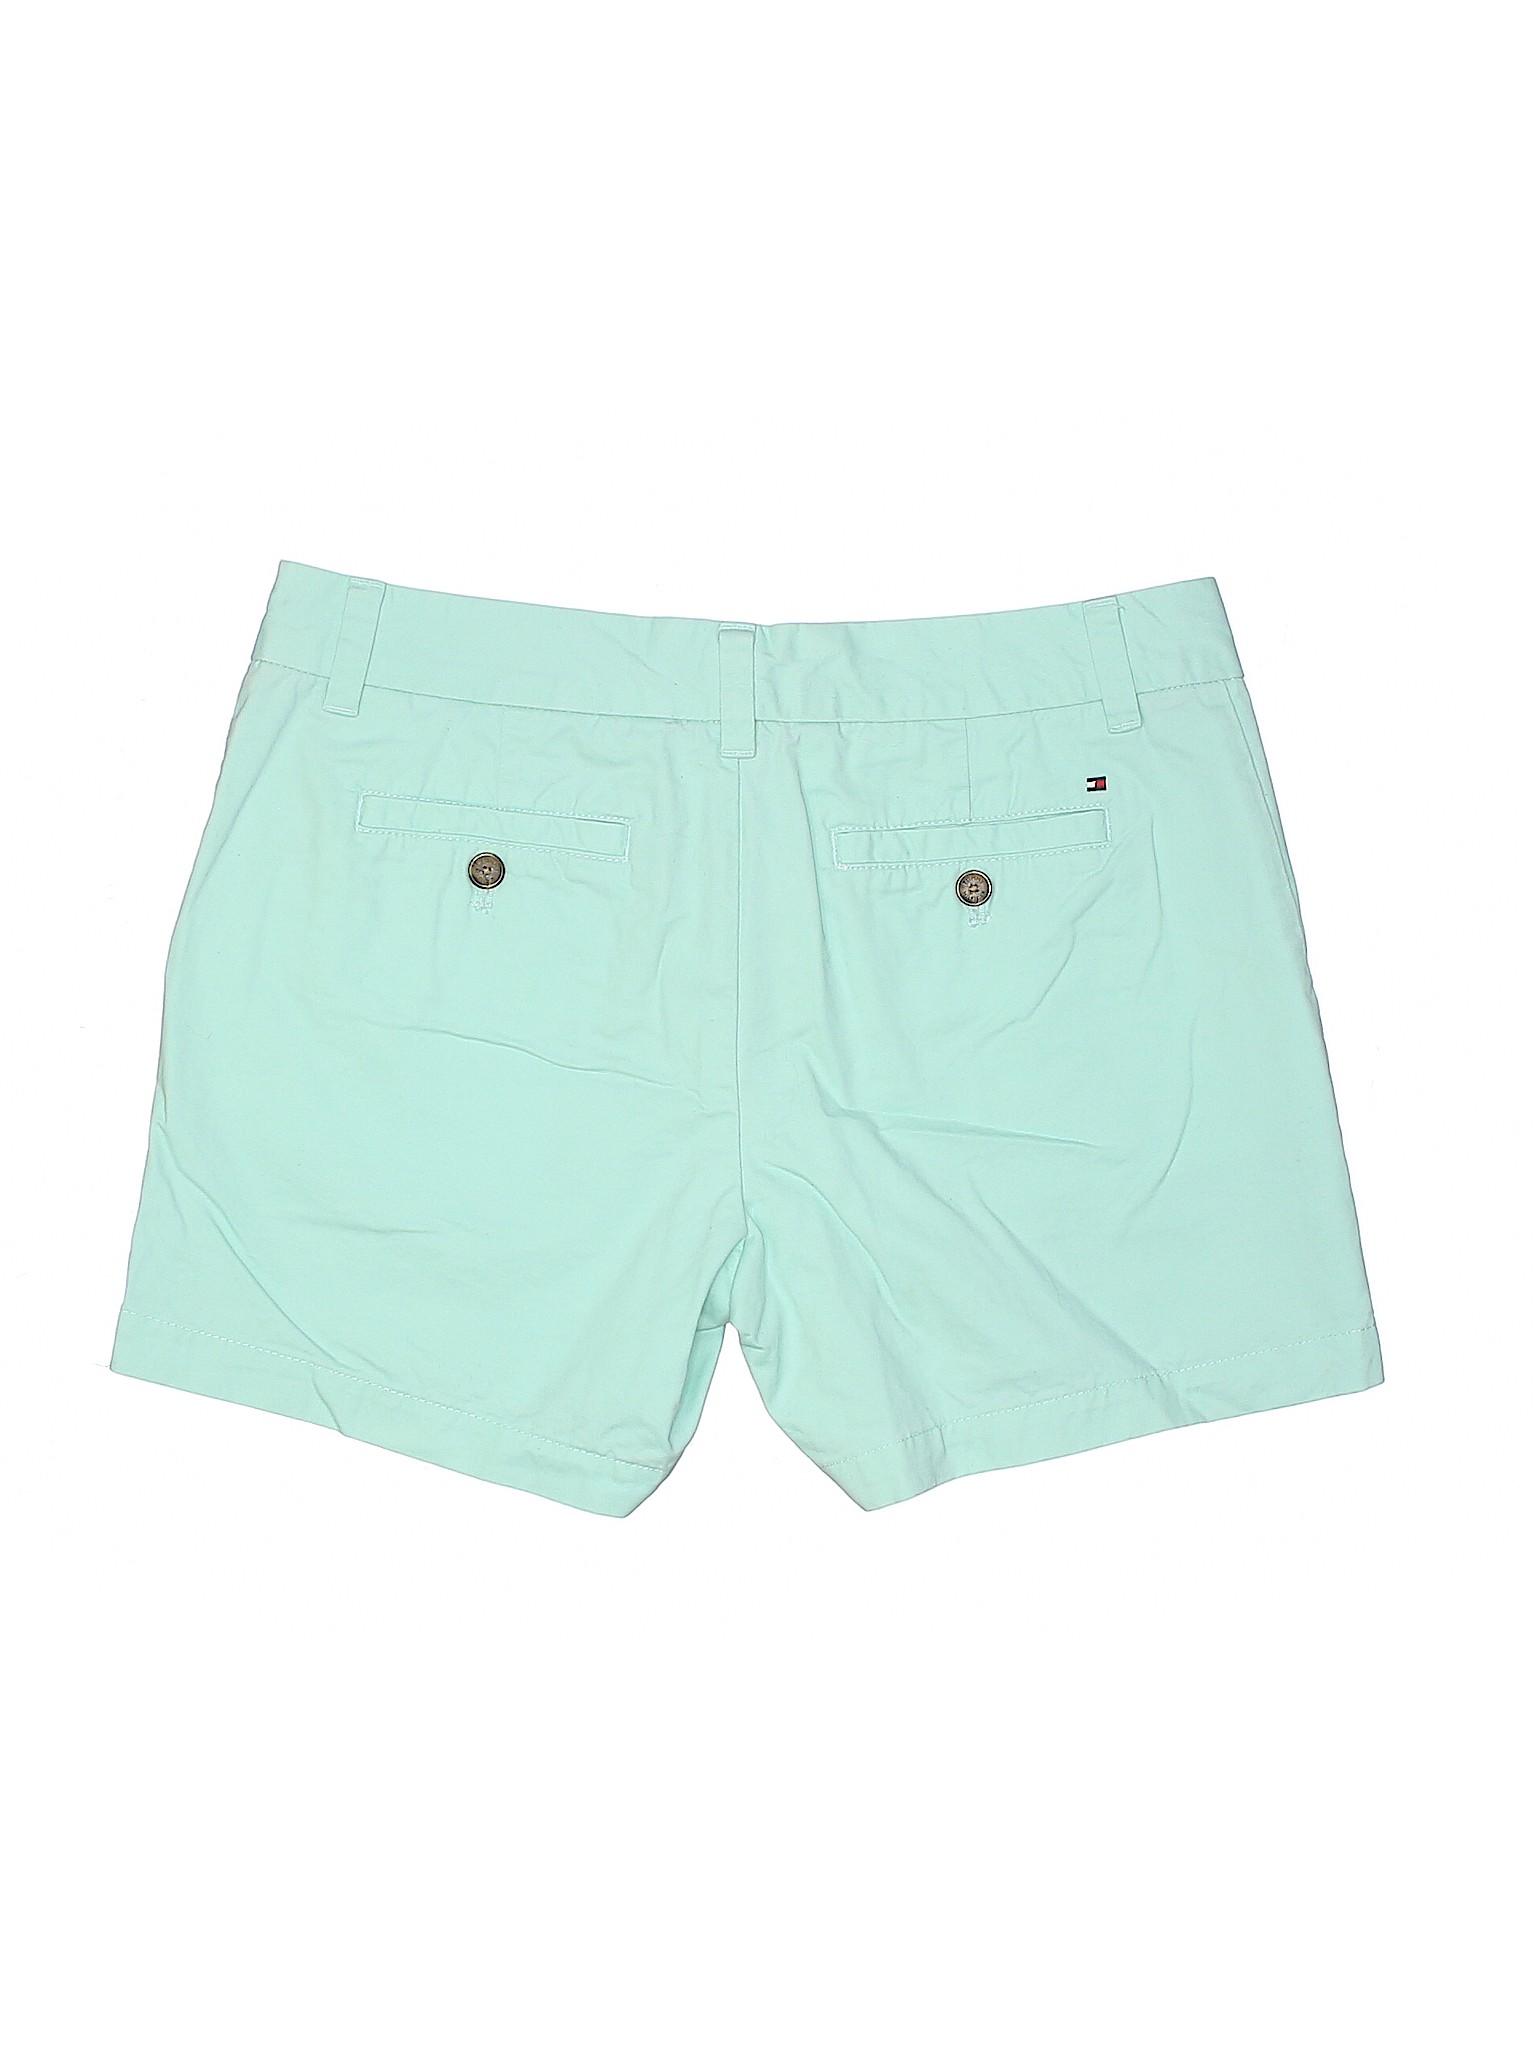 Tommy Boutique Boutique Shorts Hilfiger Shorts Tommy Boutique Hilfiger Shorts Tommy Boutique Hilfiger pqp5wr